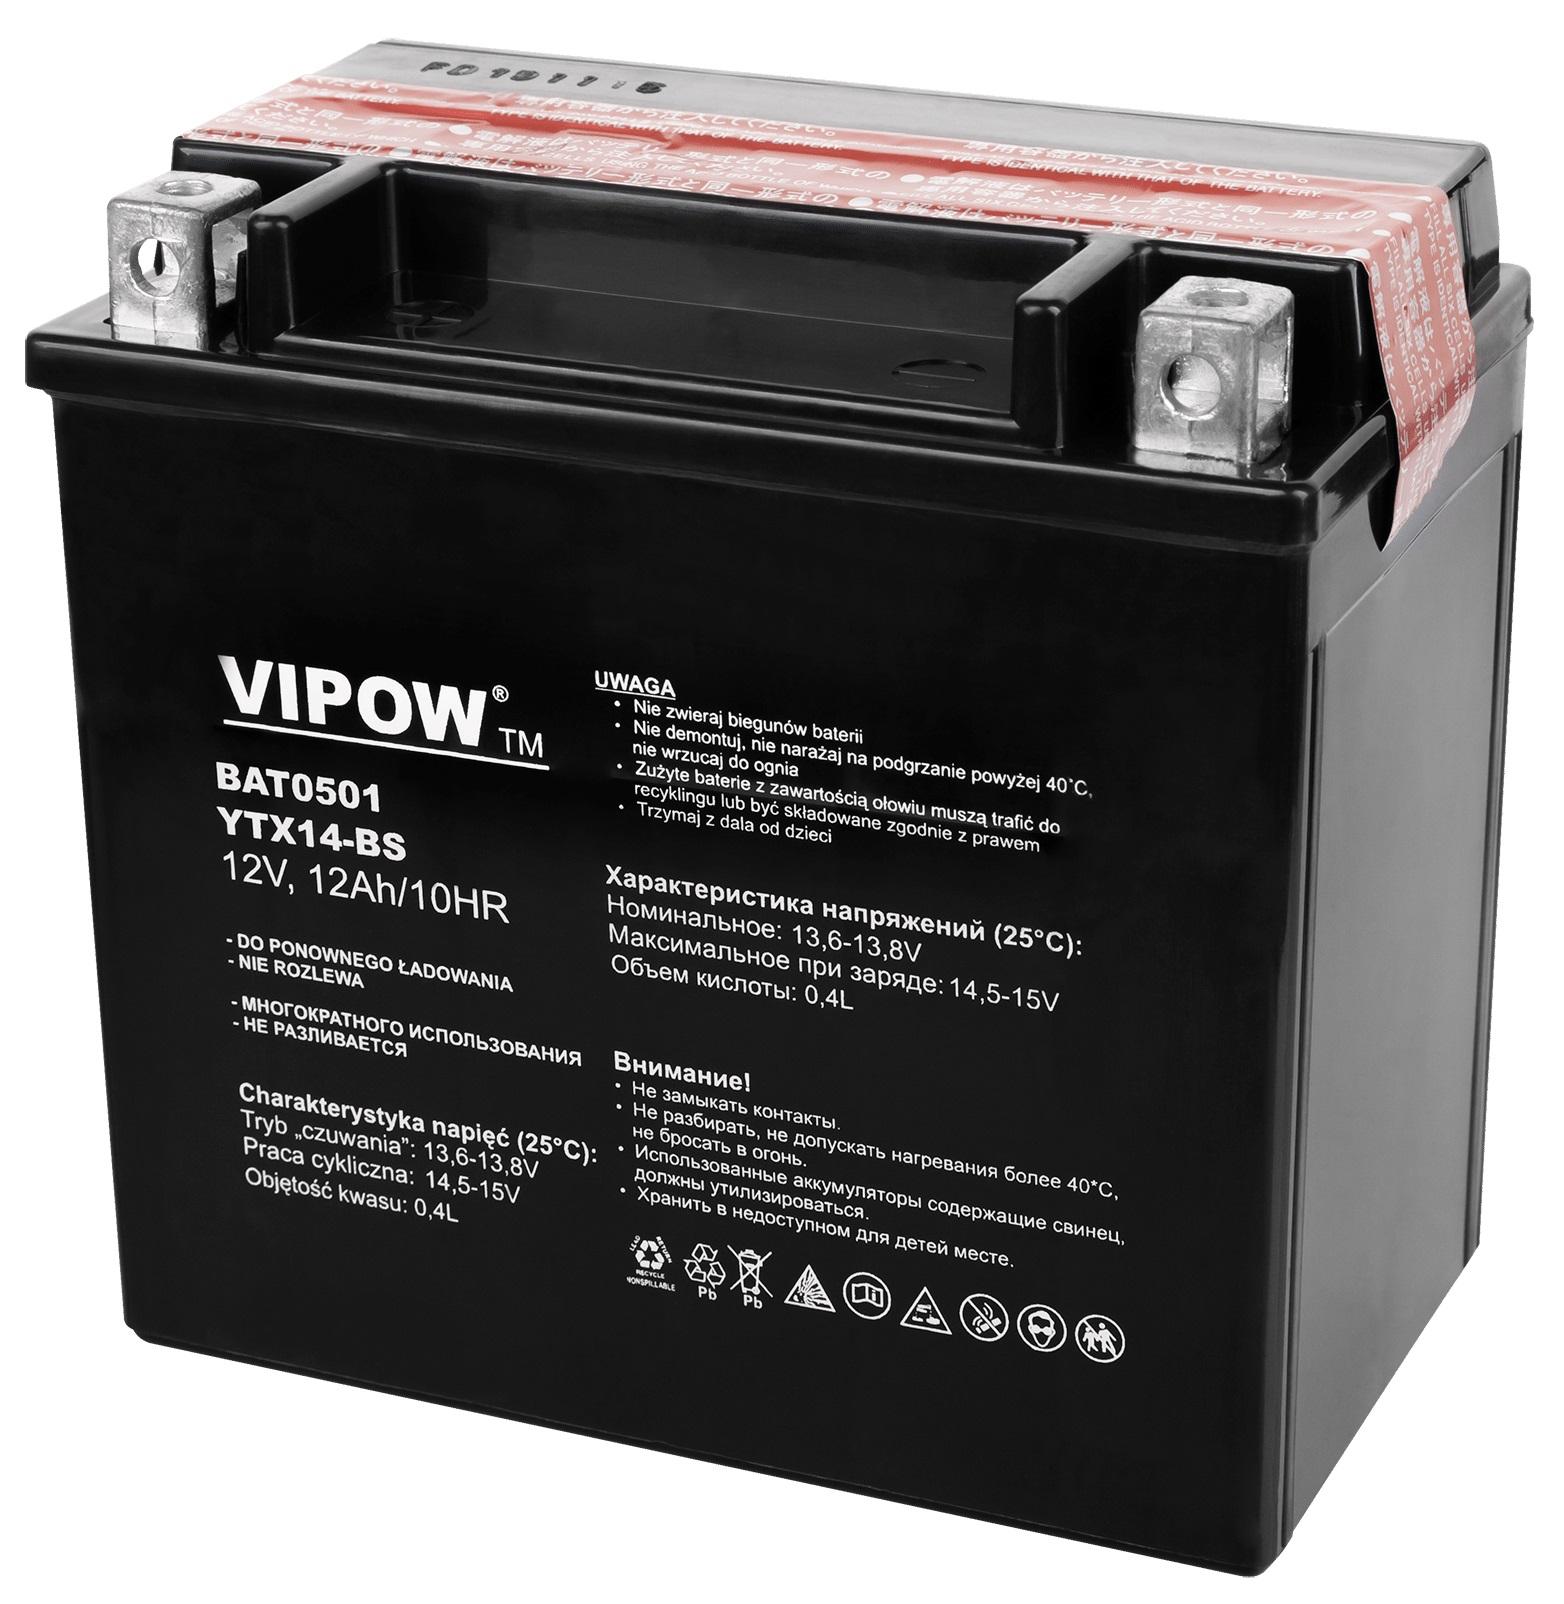 Bateria PB p/ Mota 12V 12Ah